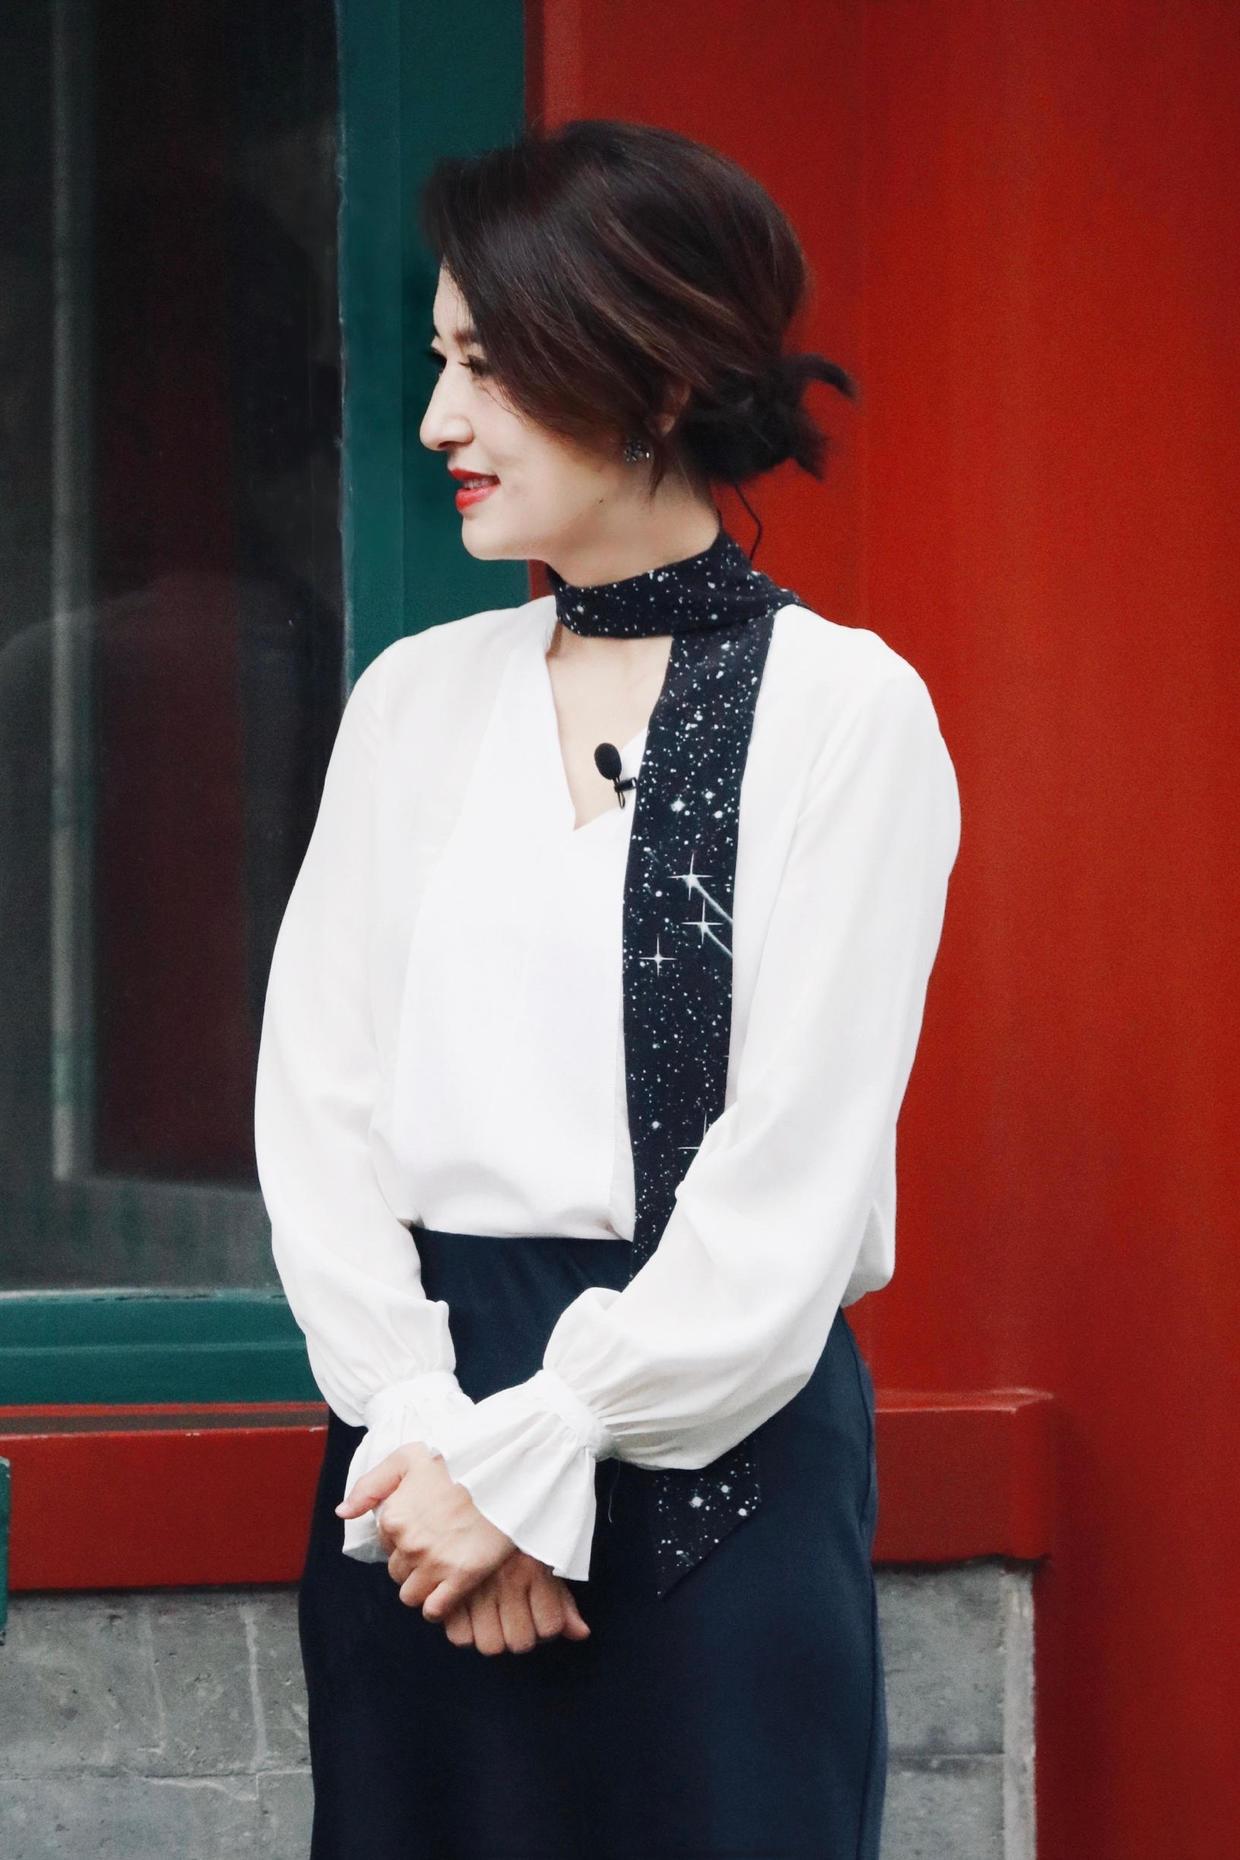 张蕾把头发扎起来更美,穿白衬衫配半身裙,腰带当围巾优雅又洋气